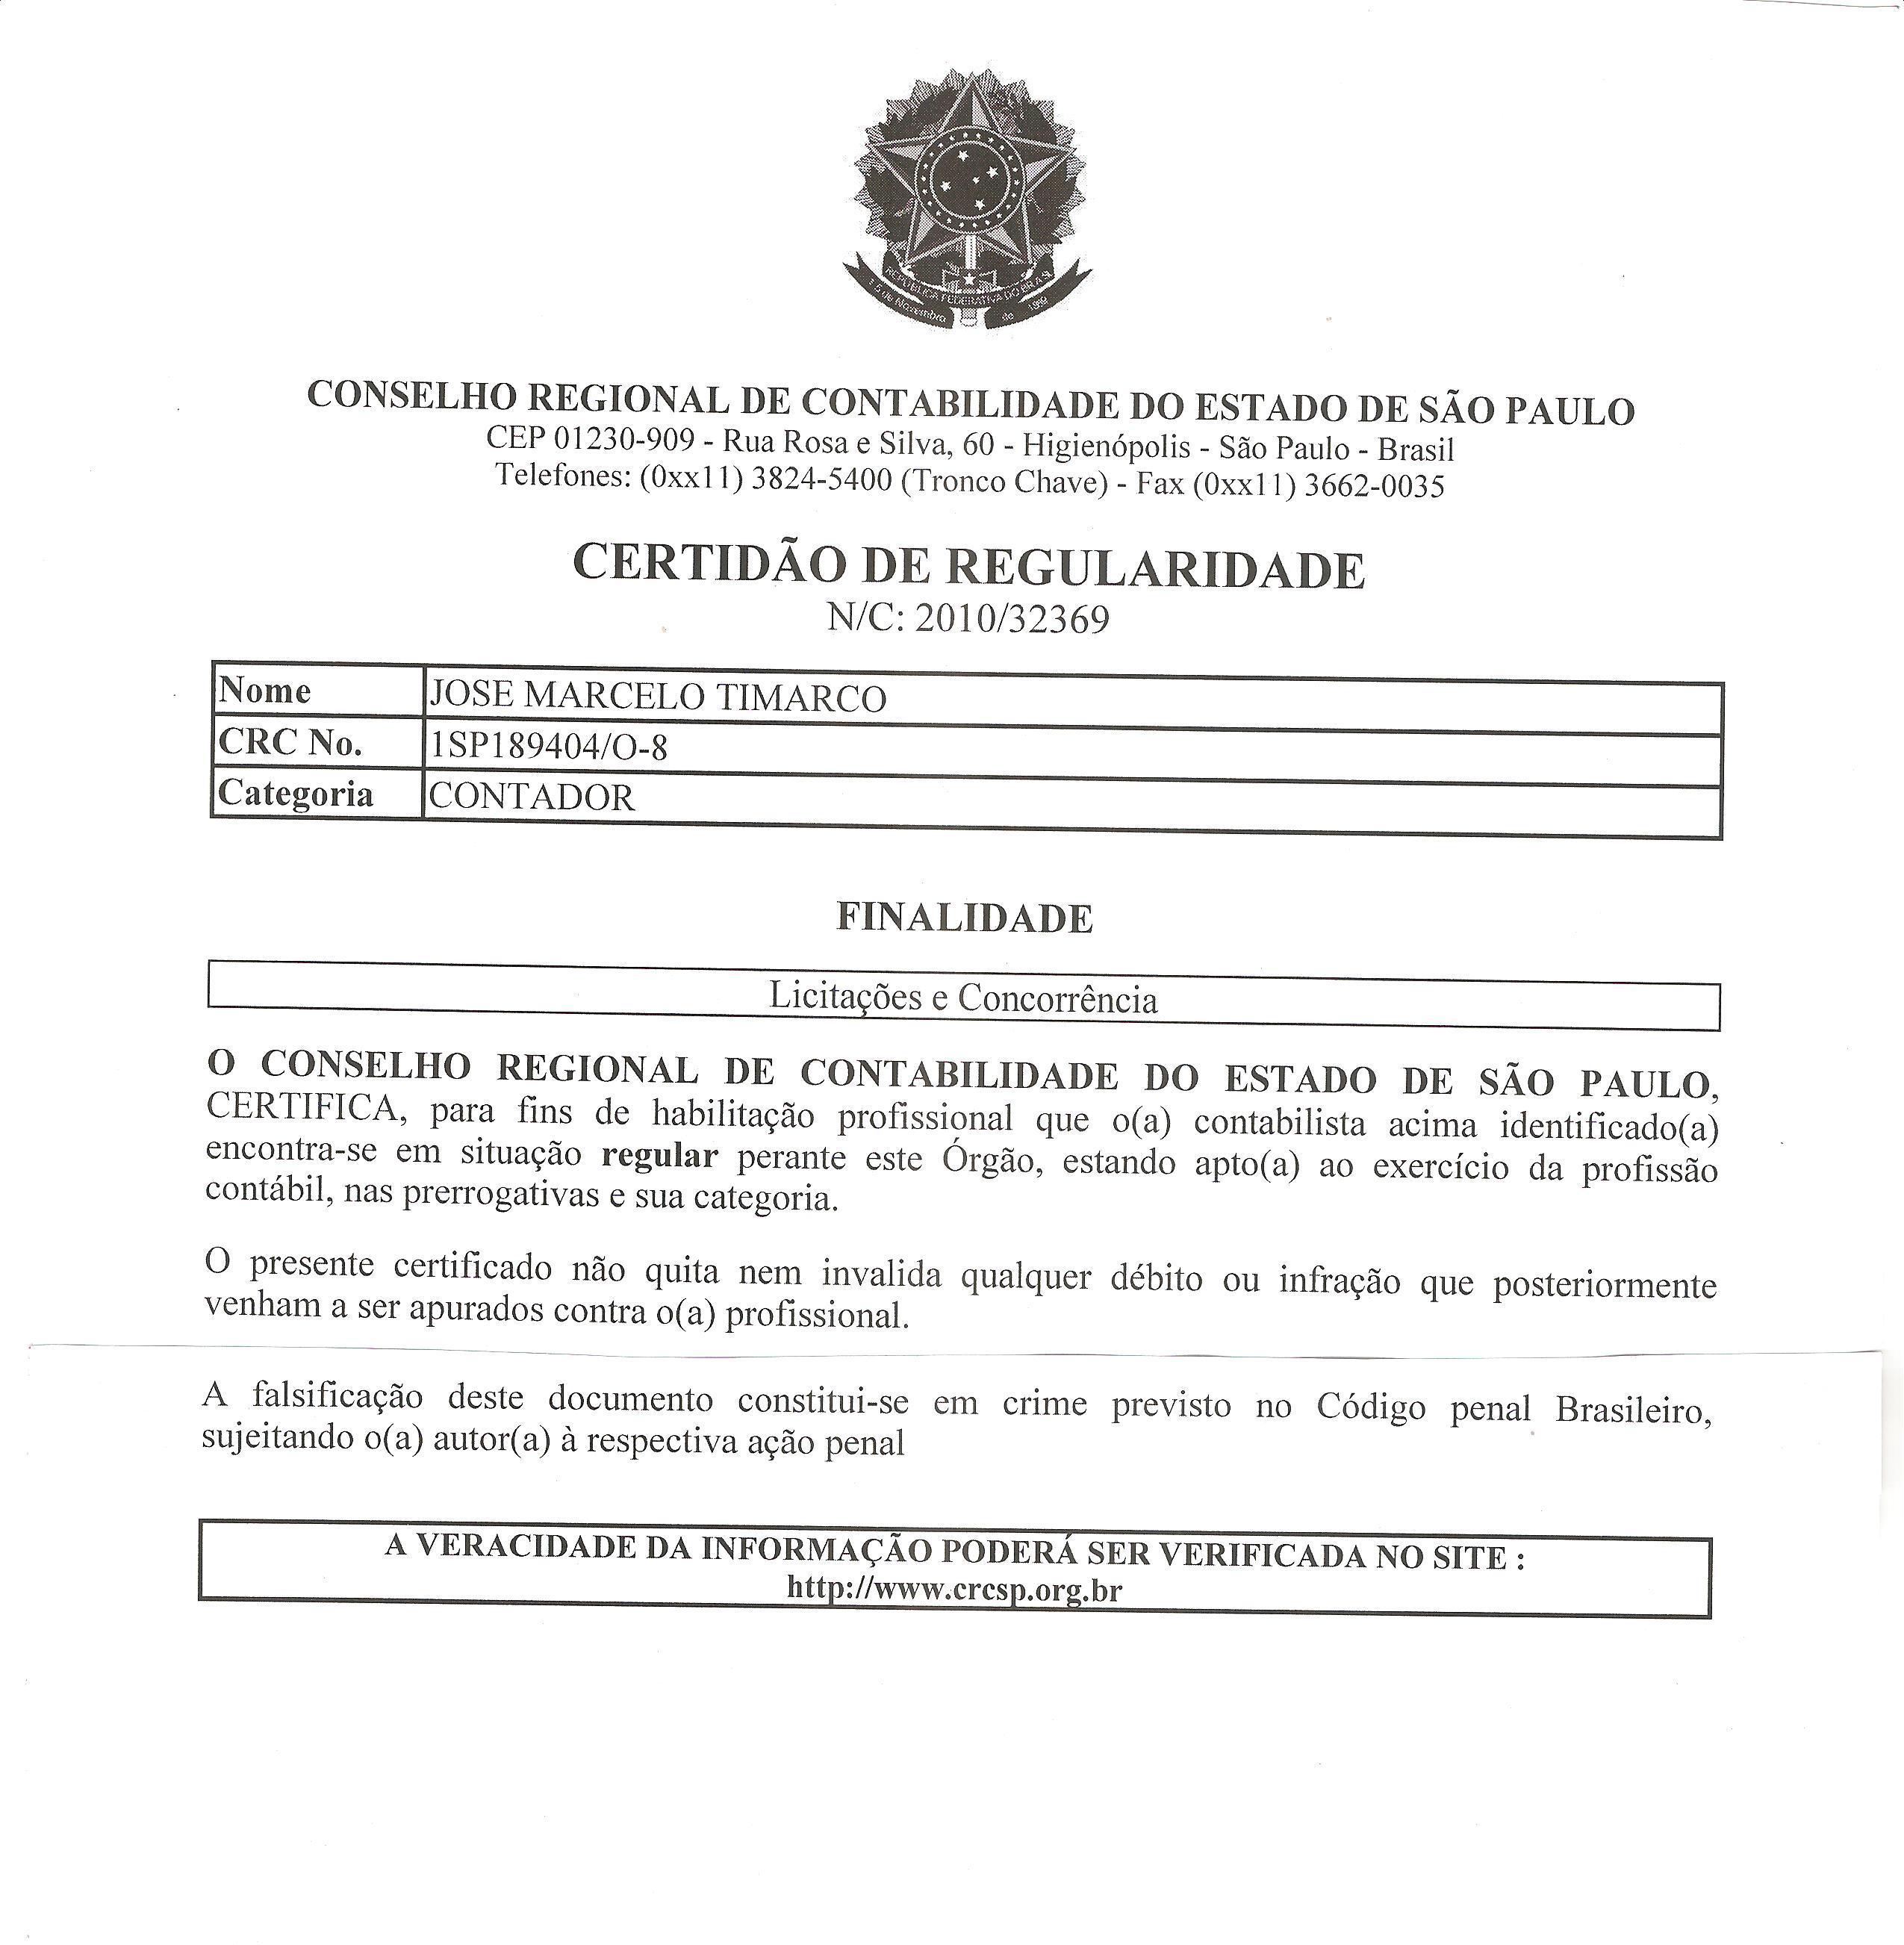 Credenciado para Licitações e Concorrências